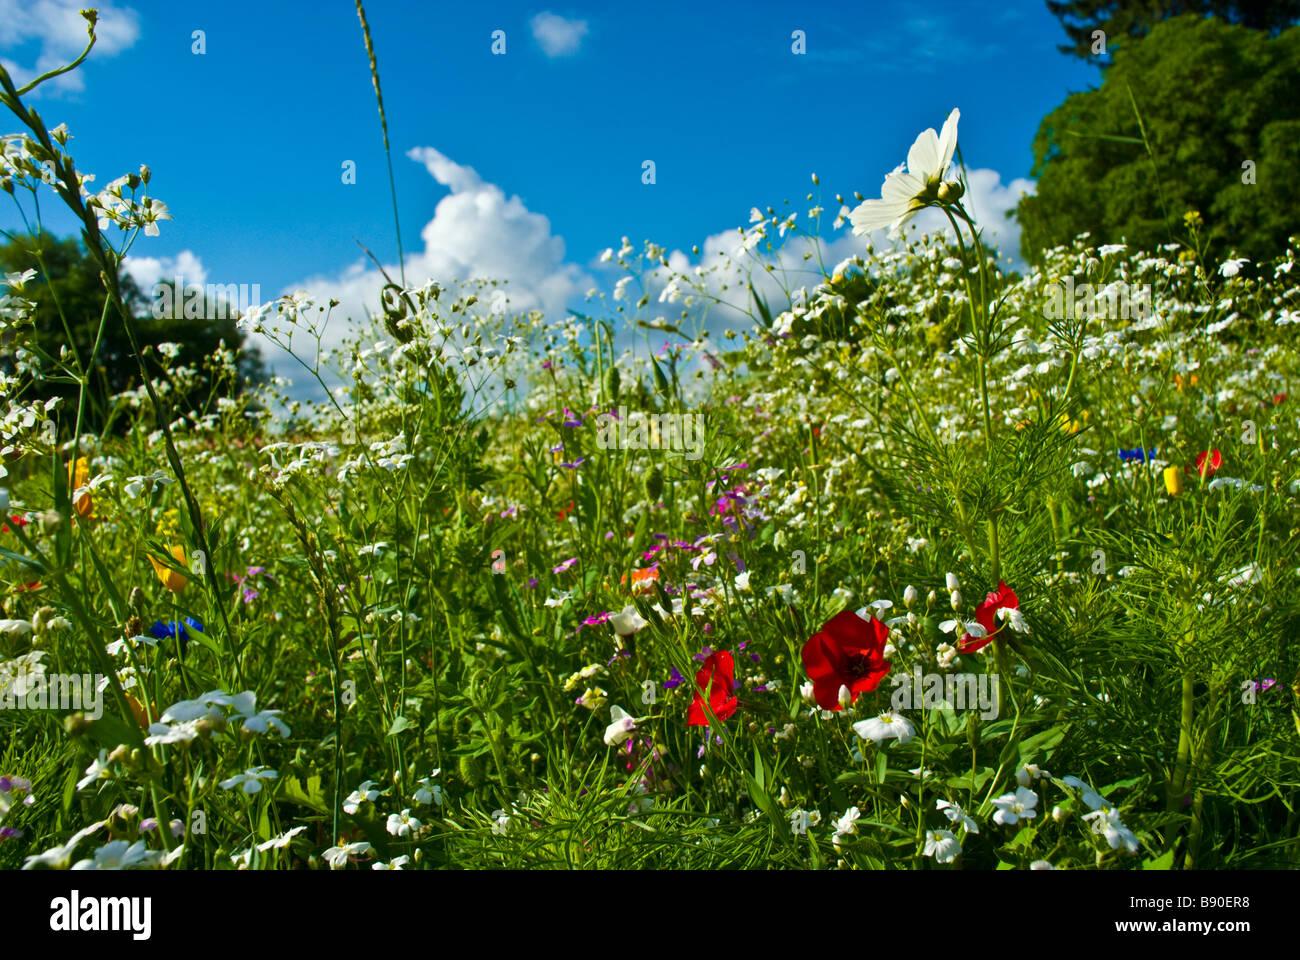 Wiese mit bunten Blumen wie Kornblumen Kräuter und blauer Himmel Wolken und Bäume   Wiese Mit Farbenfrohen Stockbild